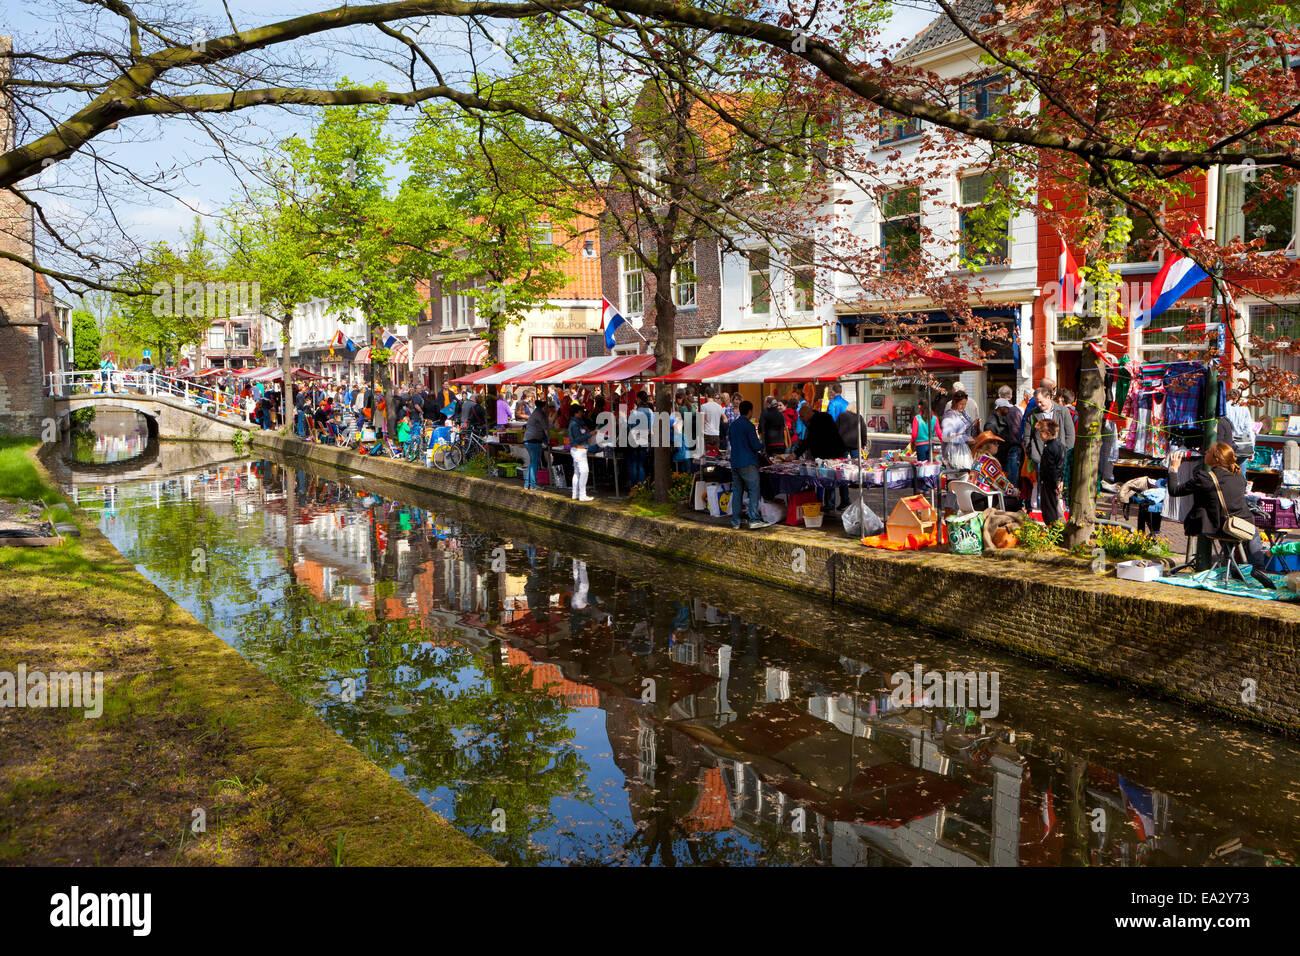 Re il giorno del mercato delle pulci lungo un canale, Delft, Olanda meridionale, Paesi Bassi, Europa Immagini Stock